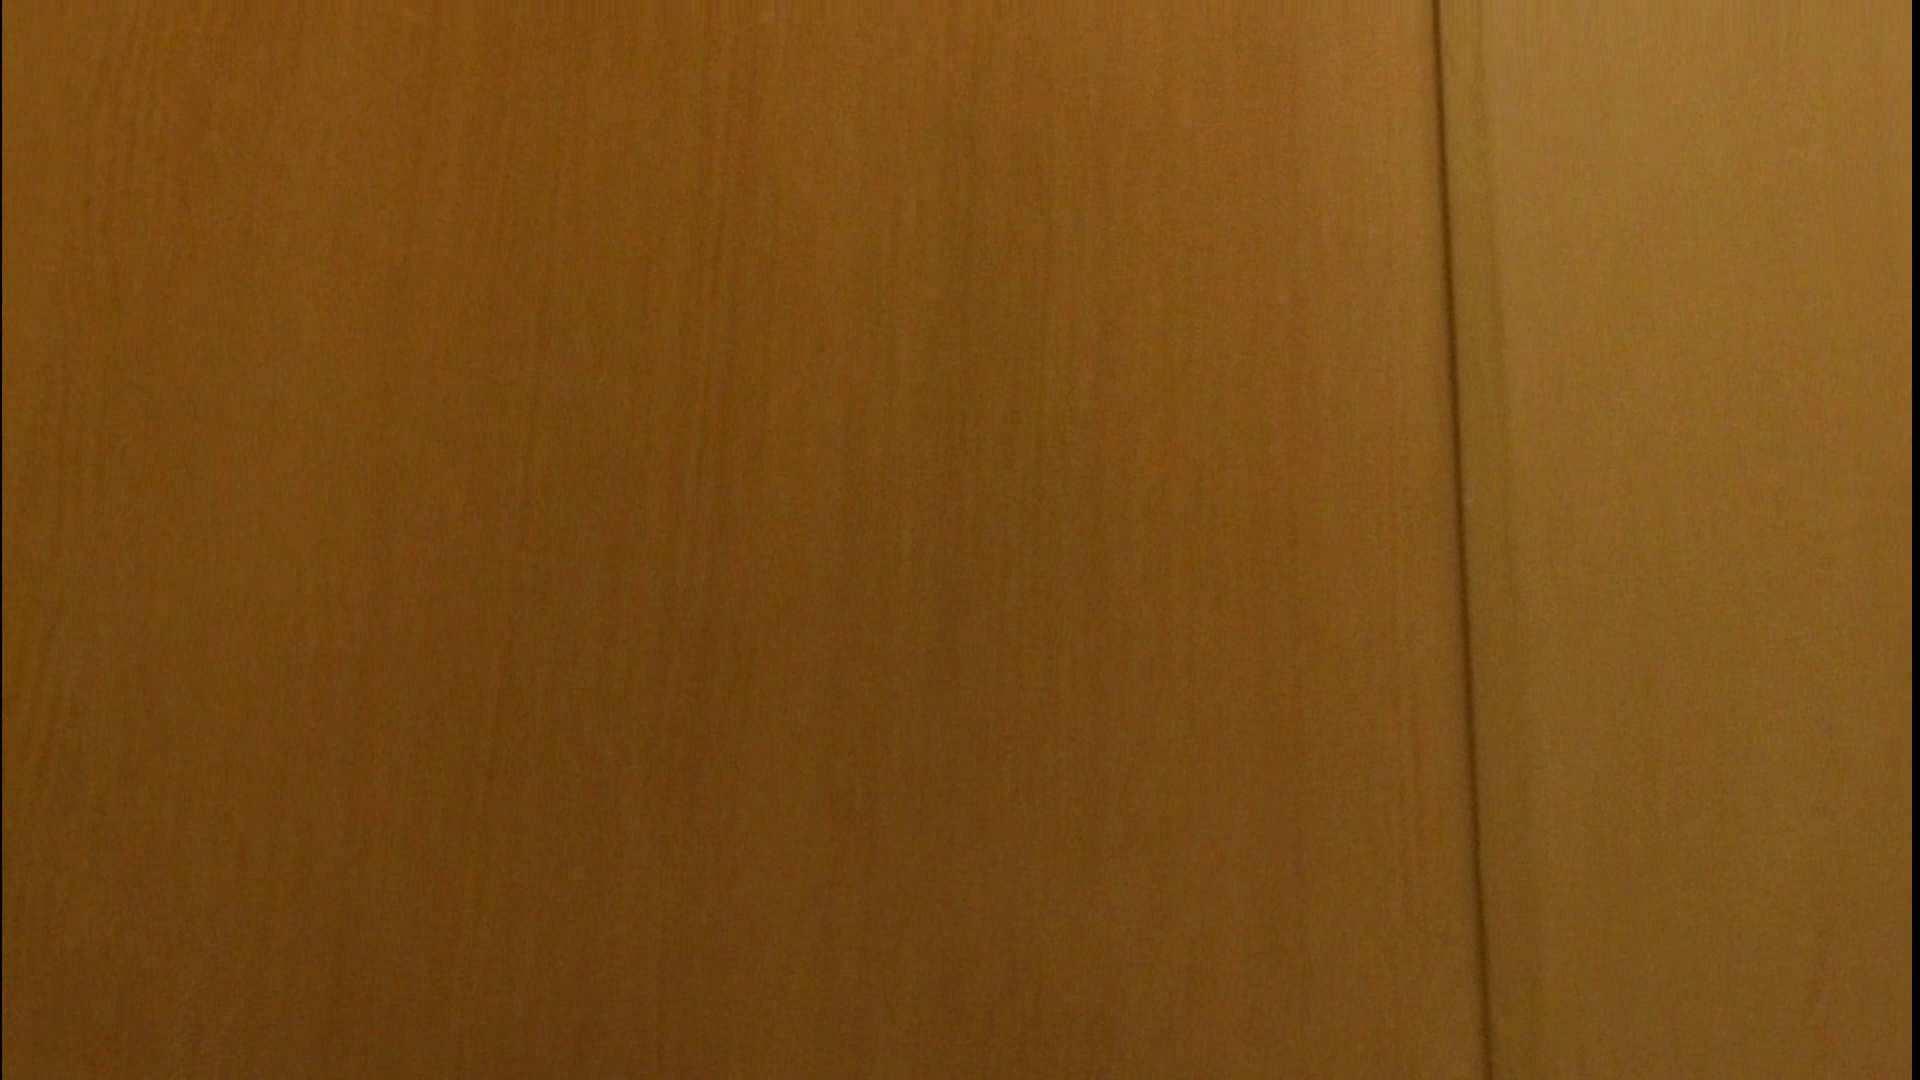 「噂」の国の厠観察日記2 Vol.13 人気シリーズ   厠  50画像 4